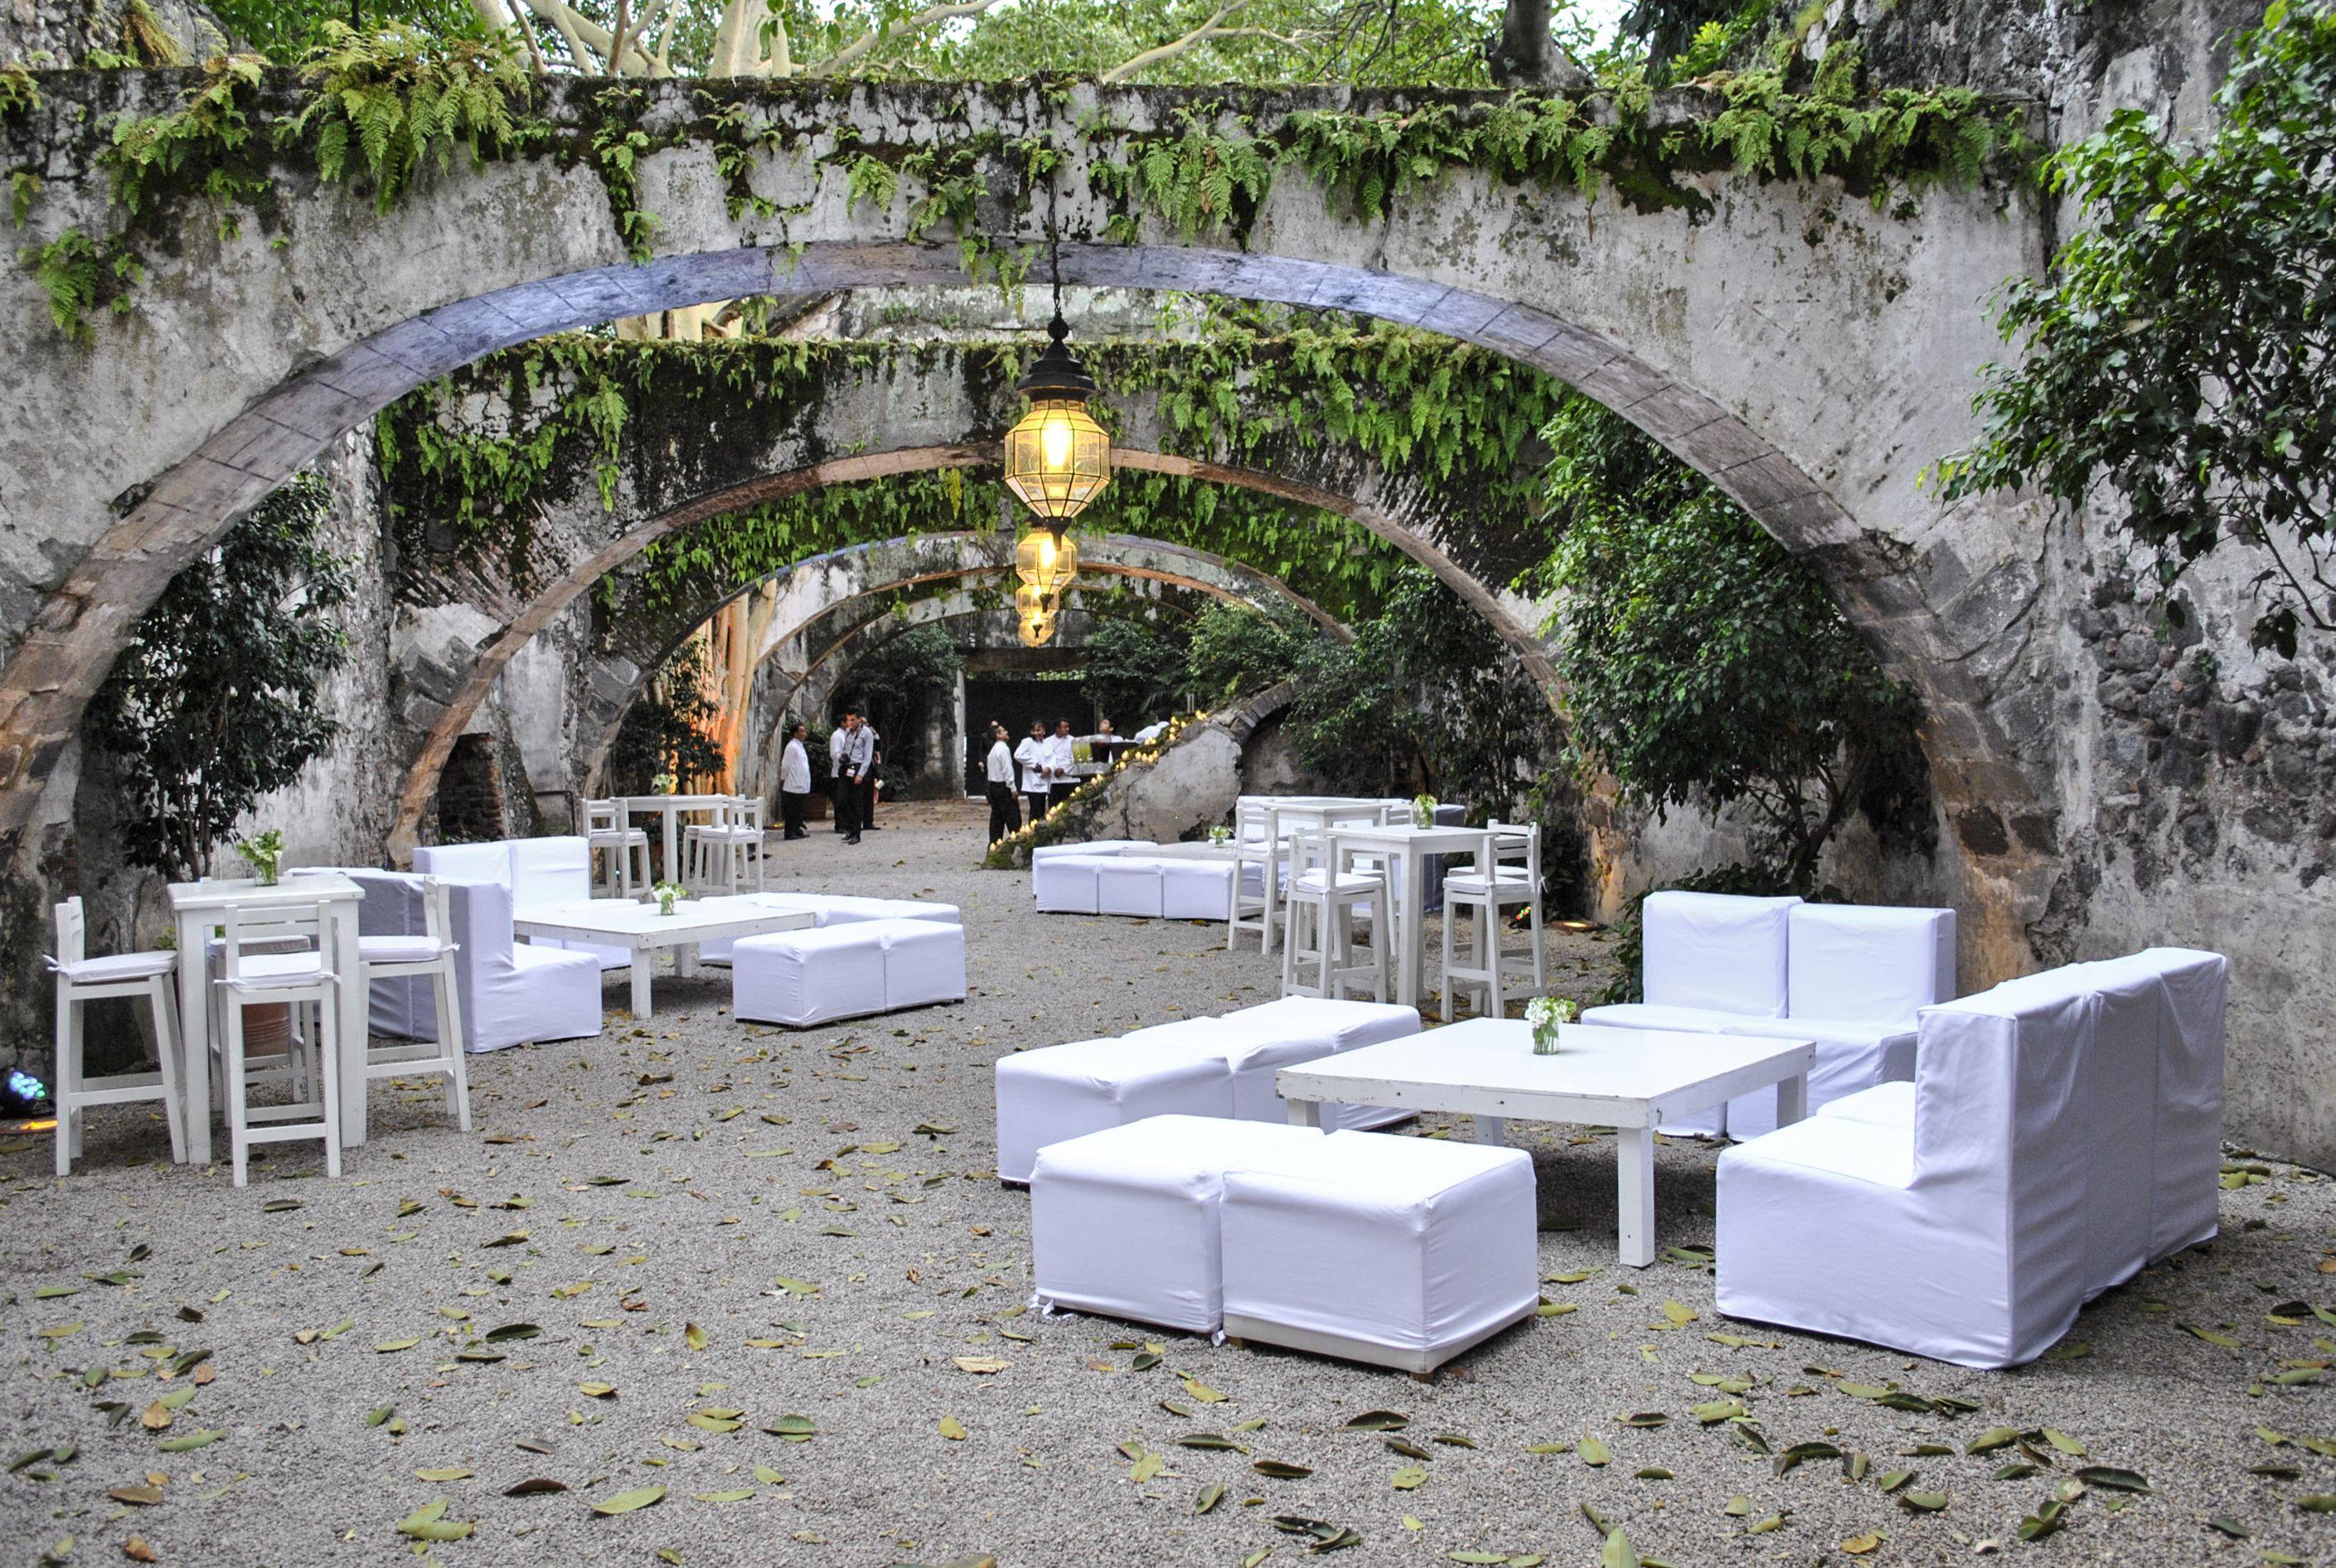 Estilo Lounge Bar Area Libre Montaje En Color Blanco Las  # Muebles Cuernavaca